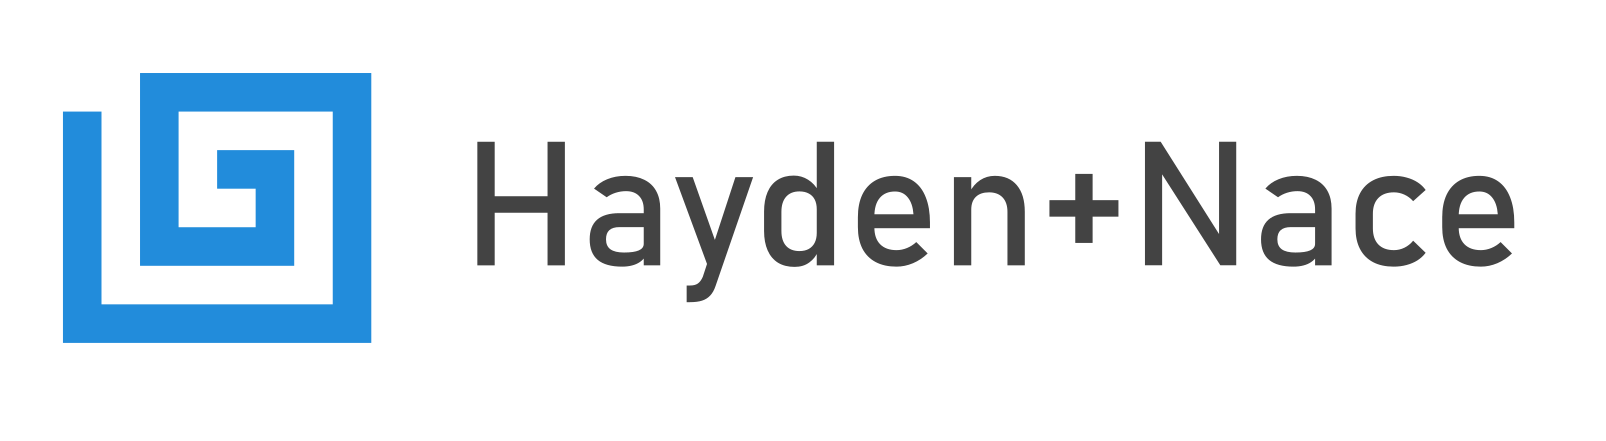 Hayden + Nace